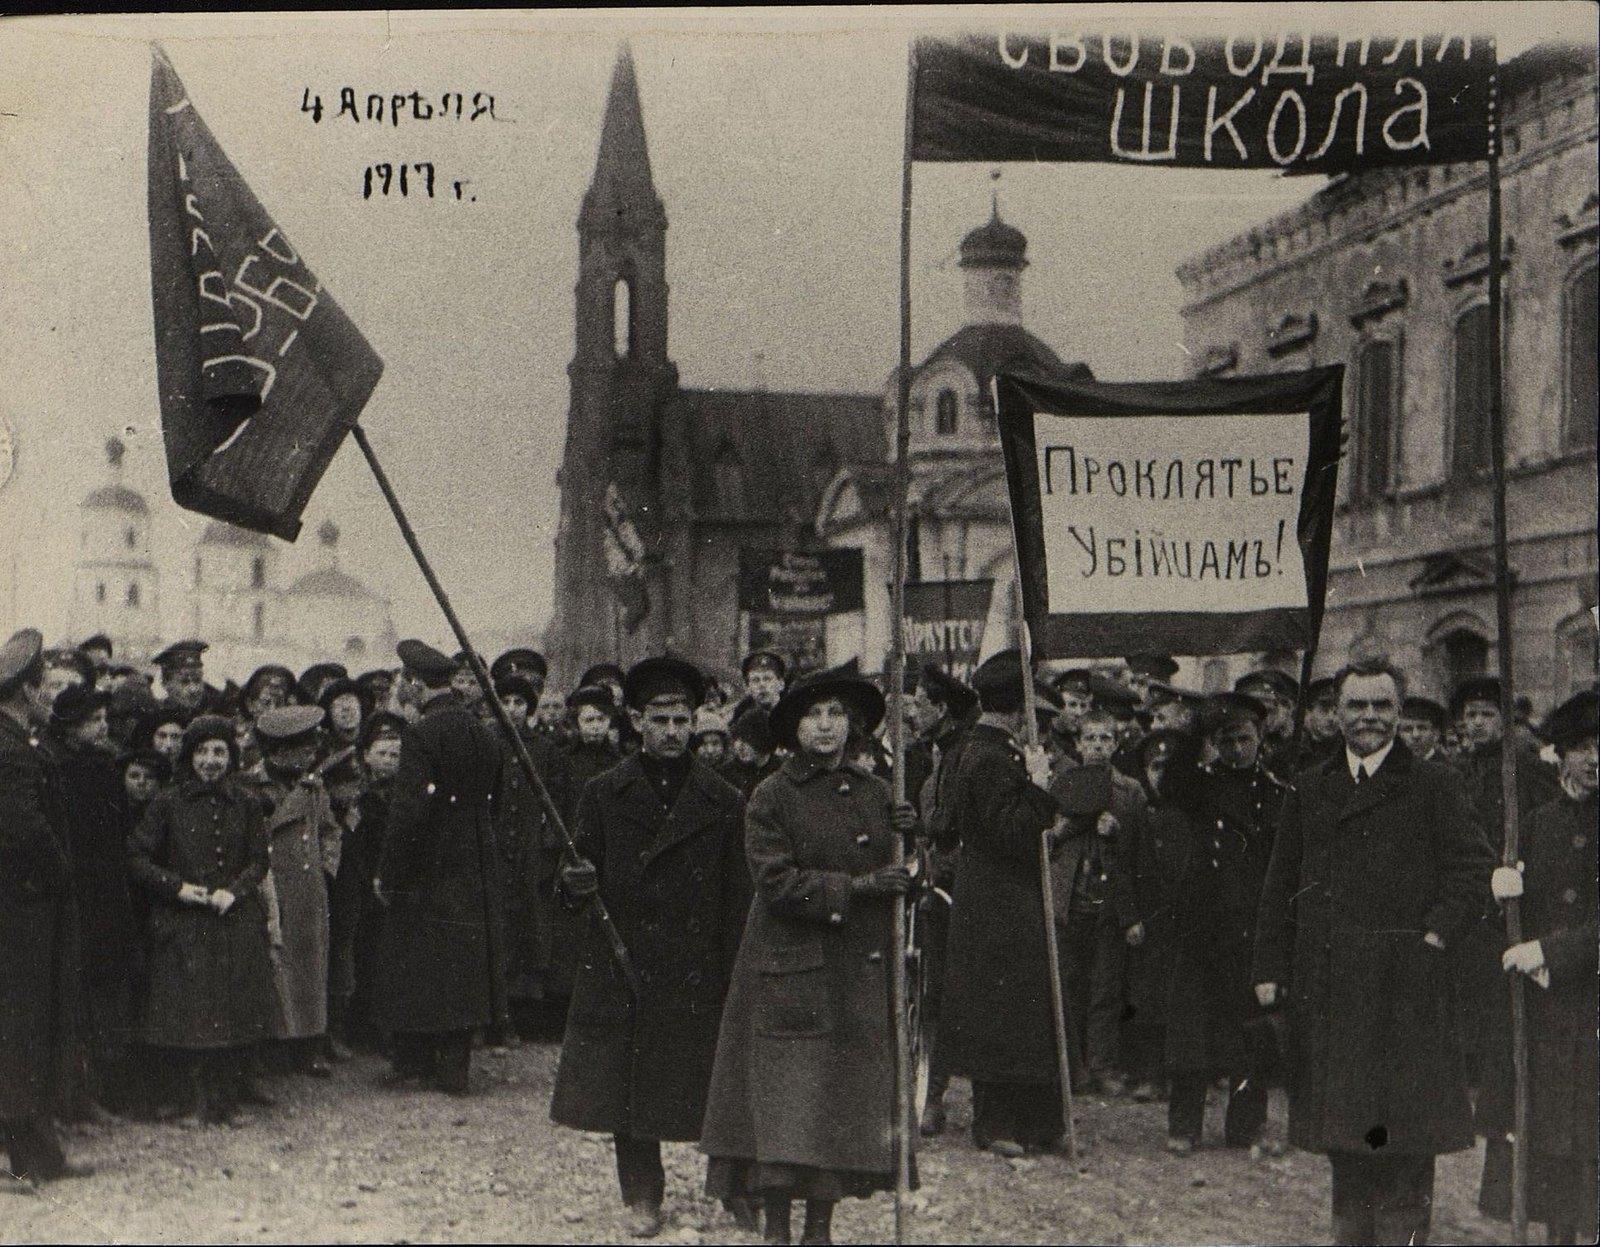 4 апреля. Иркутск. Тихвинская площадь. Демонстрация.